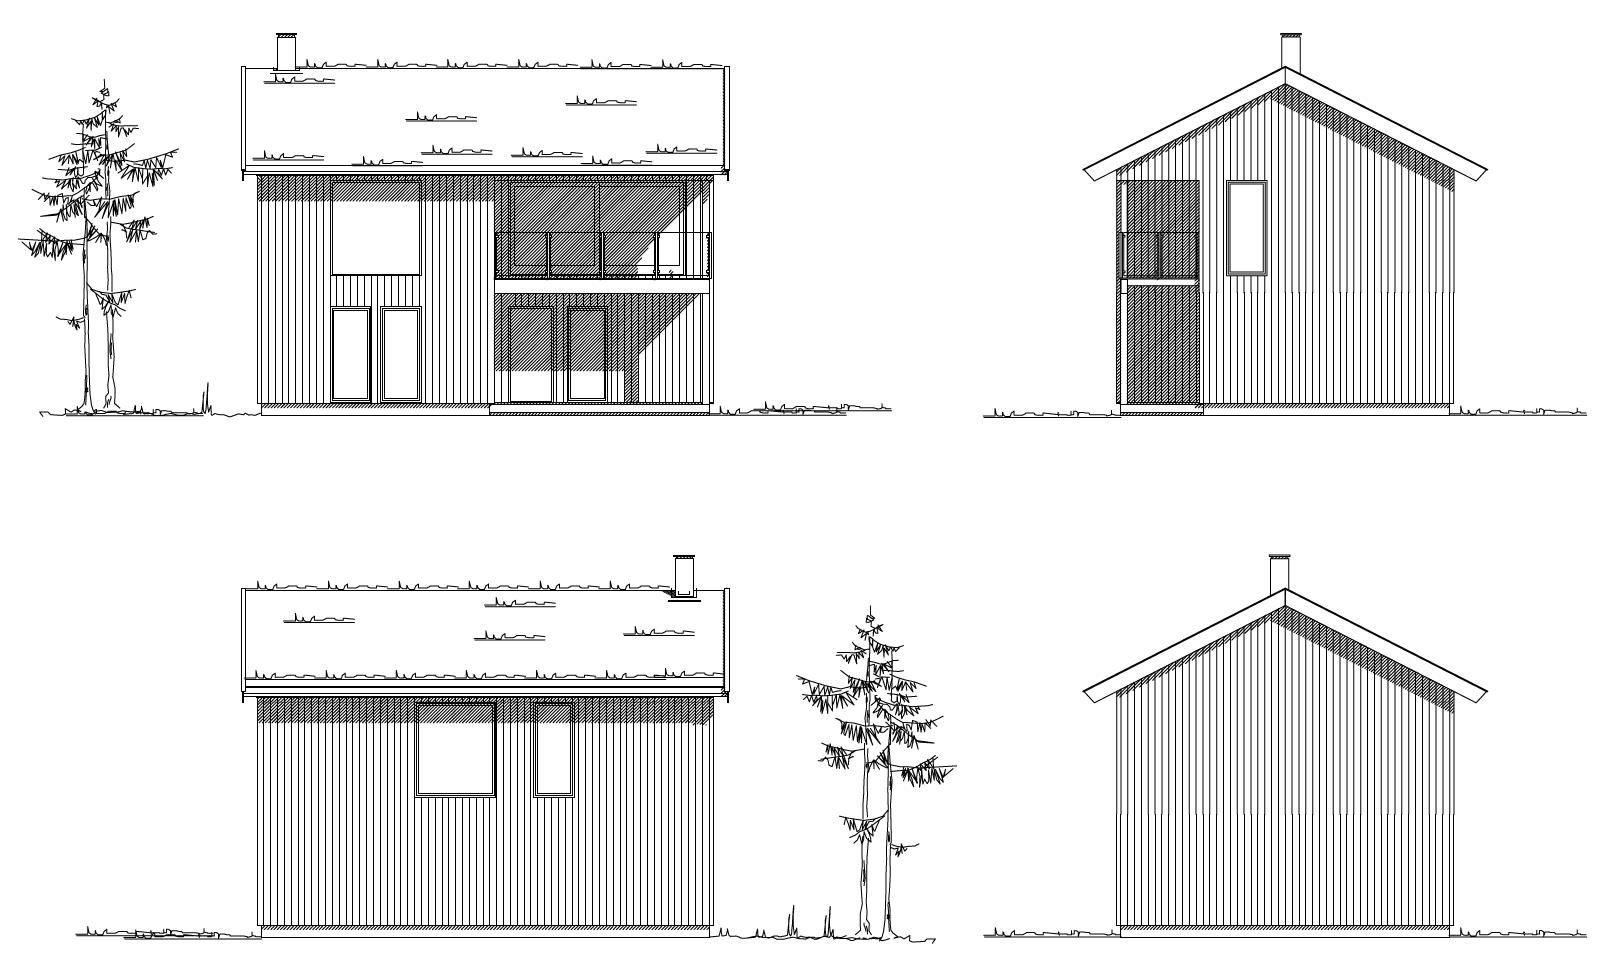 hytte a fasadetegninger